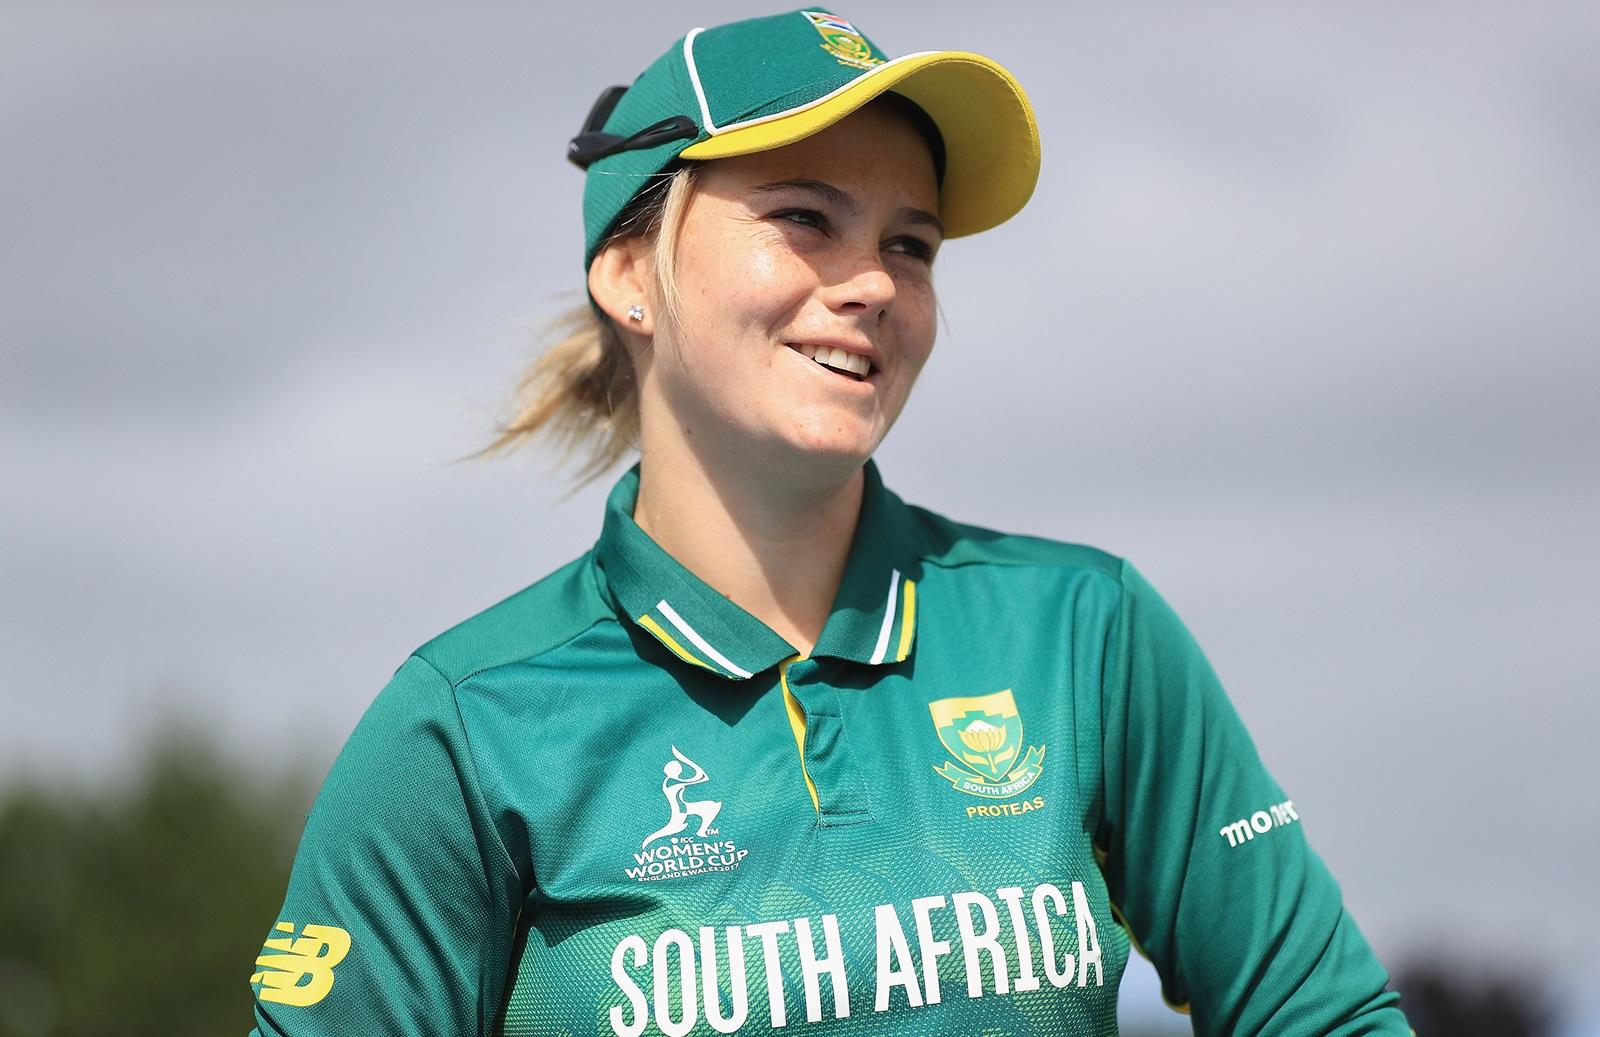 Van Niekerk outdoes Benaud in record haul | cricket.com.au